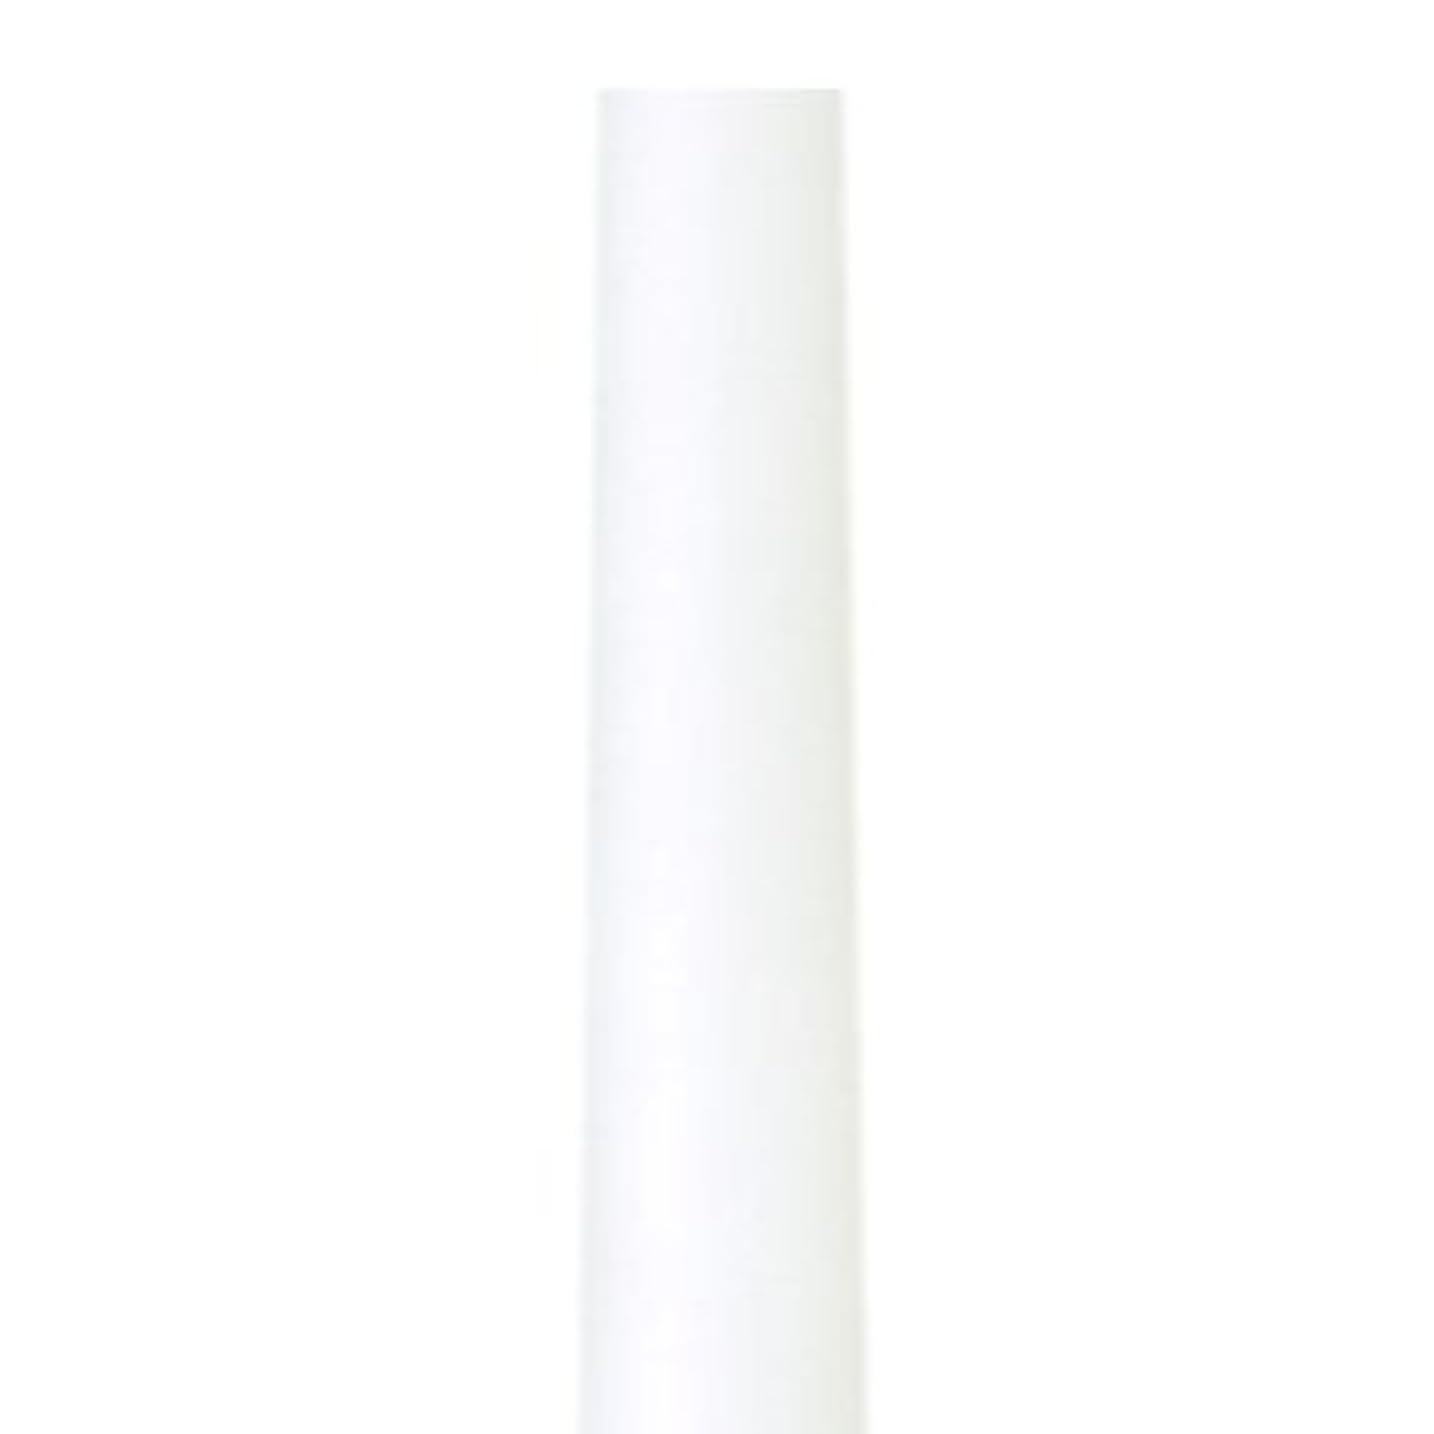 文字通り扇動暴露テーパーキャンドル クラッシー ホワイト 蝋燭